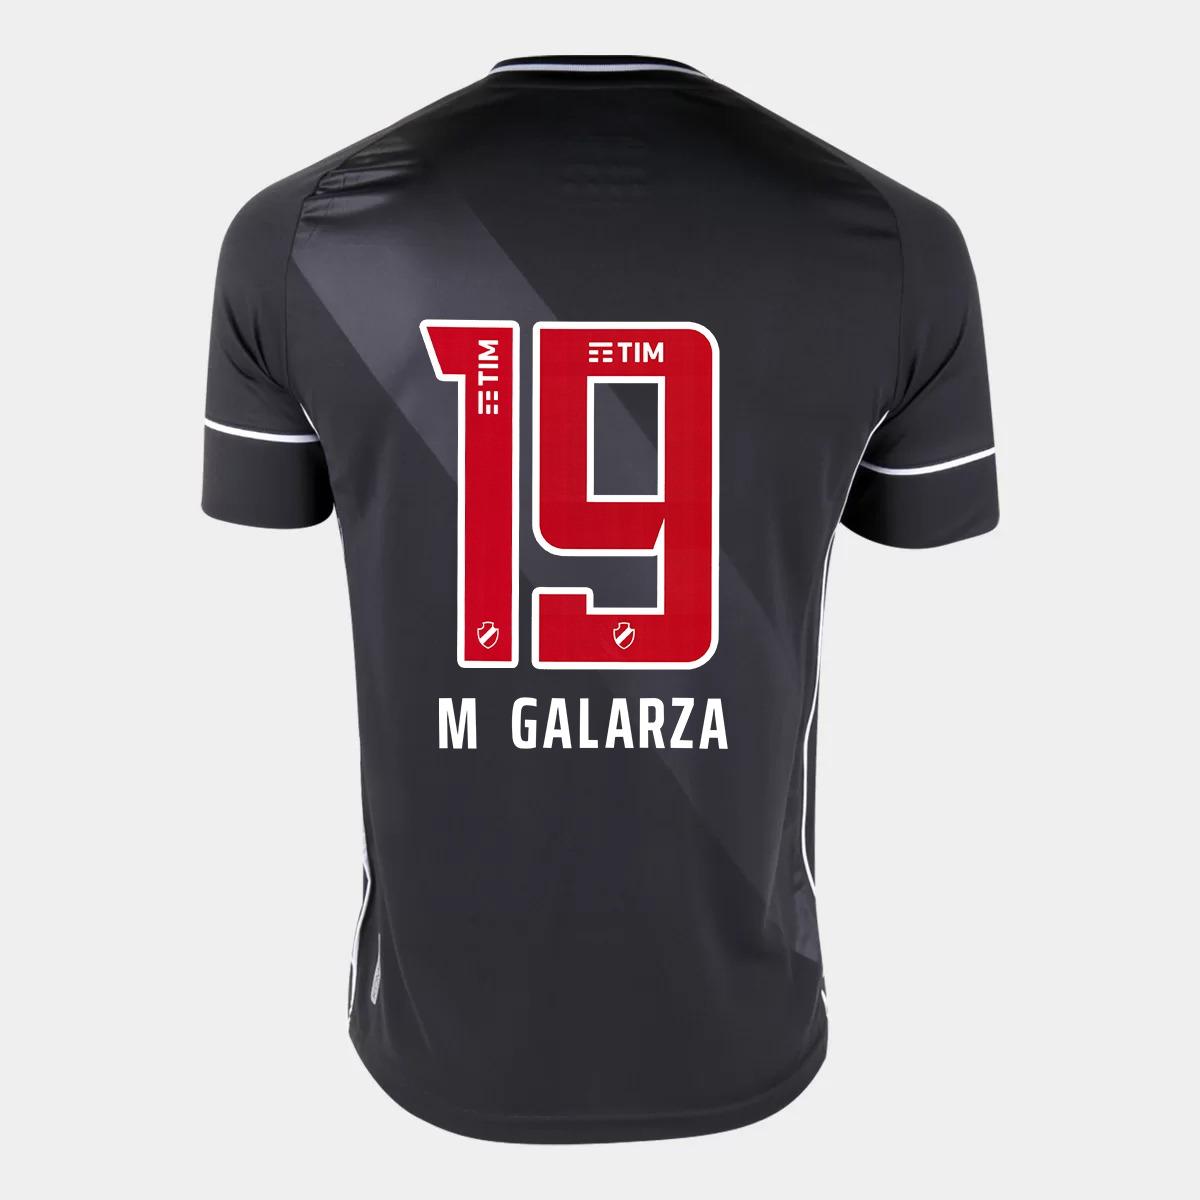 CAMISA VASCO I KAPPA 2020/2021 - GALARZA